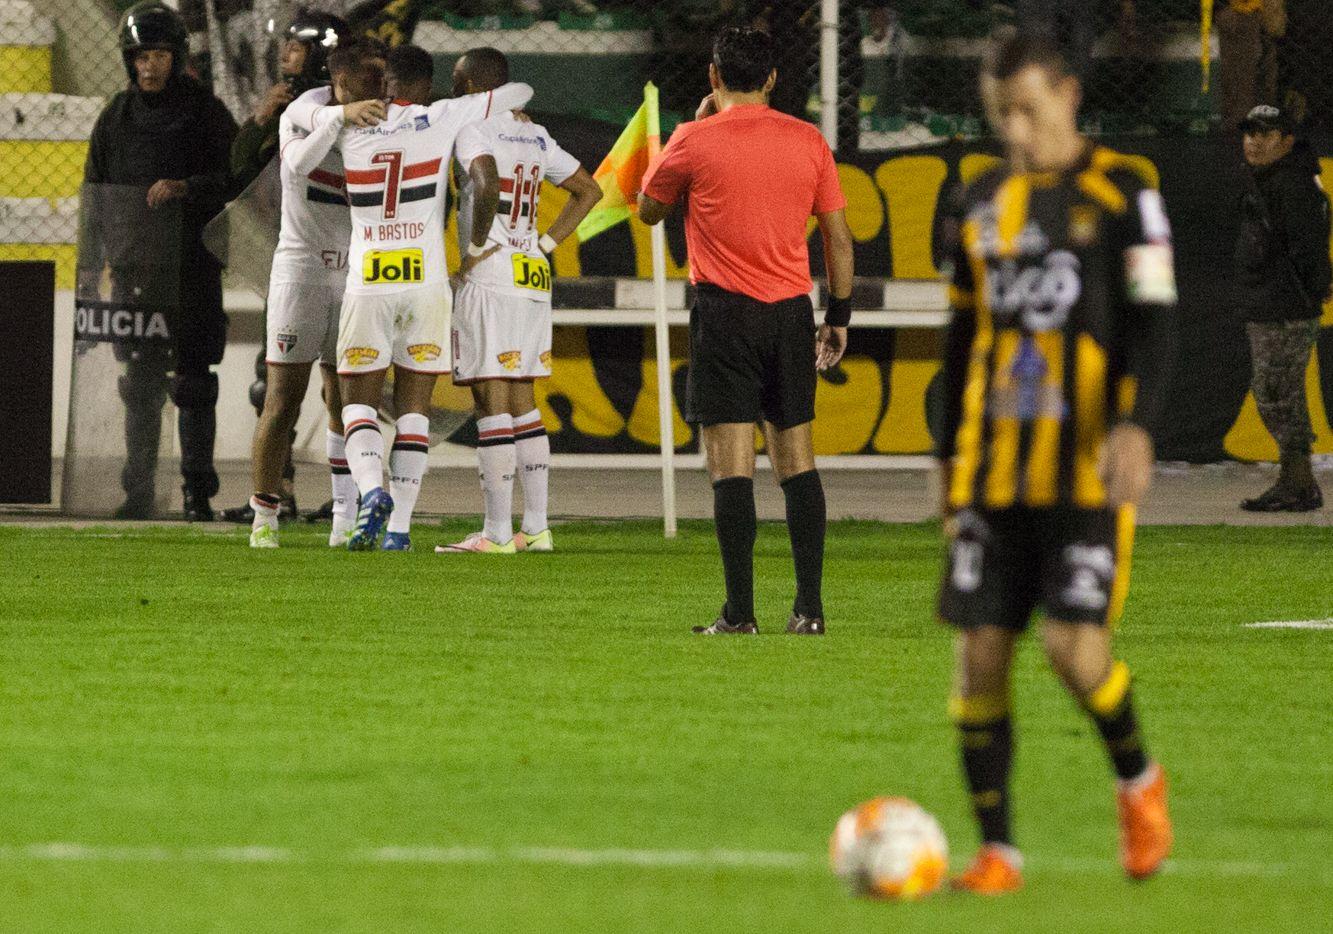 Calleri fez o gol que classificou o São Paulo - Ivan Canelas Lizarraga/Reuters